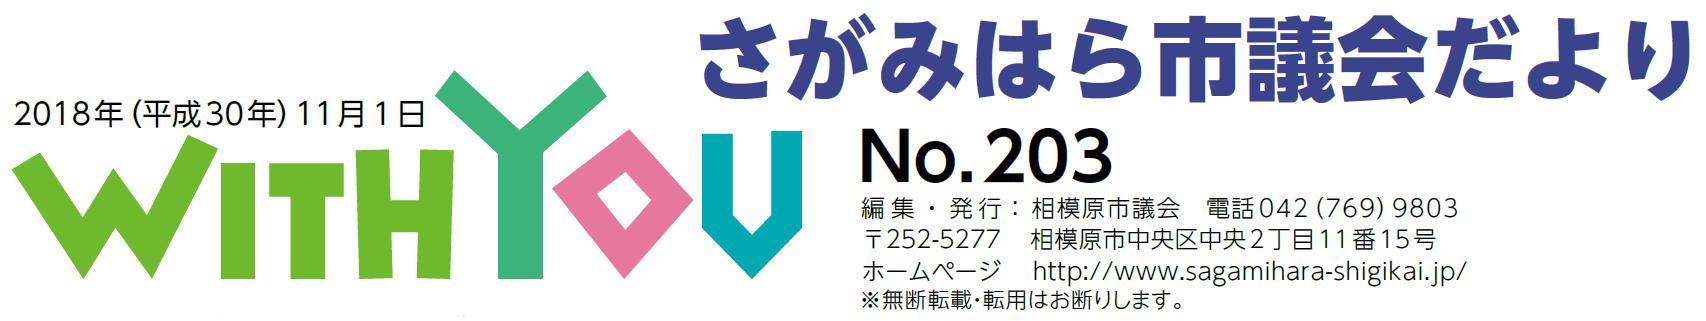 市議会だより No.203(2018年11月1日)